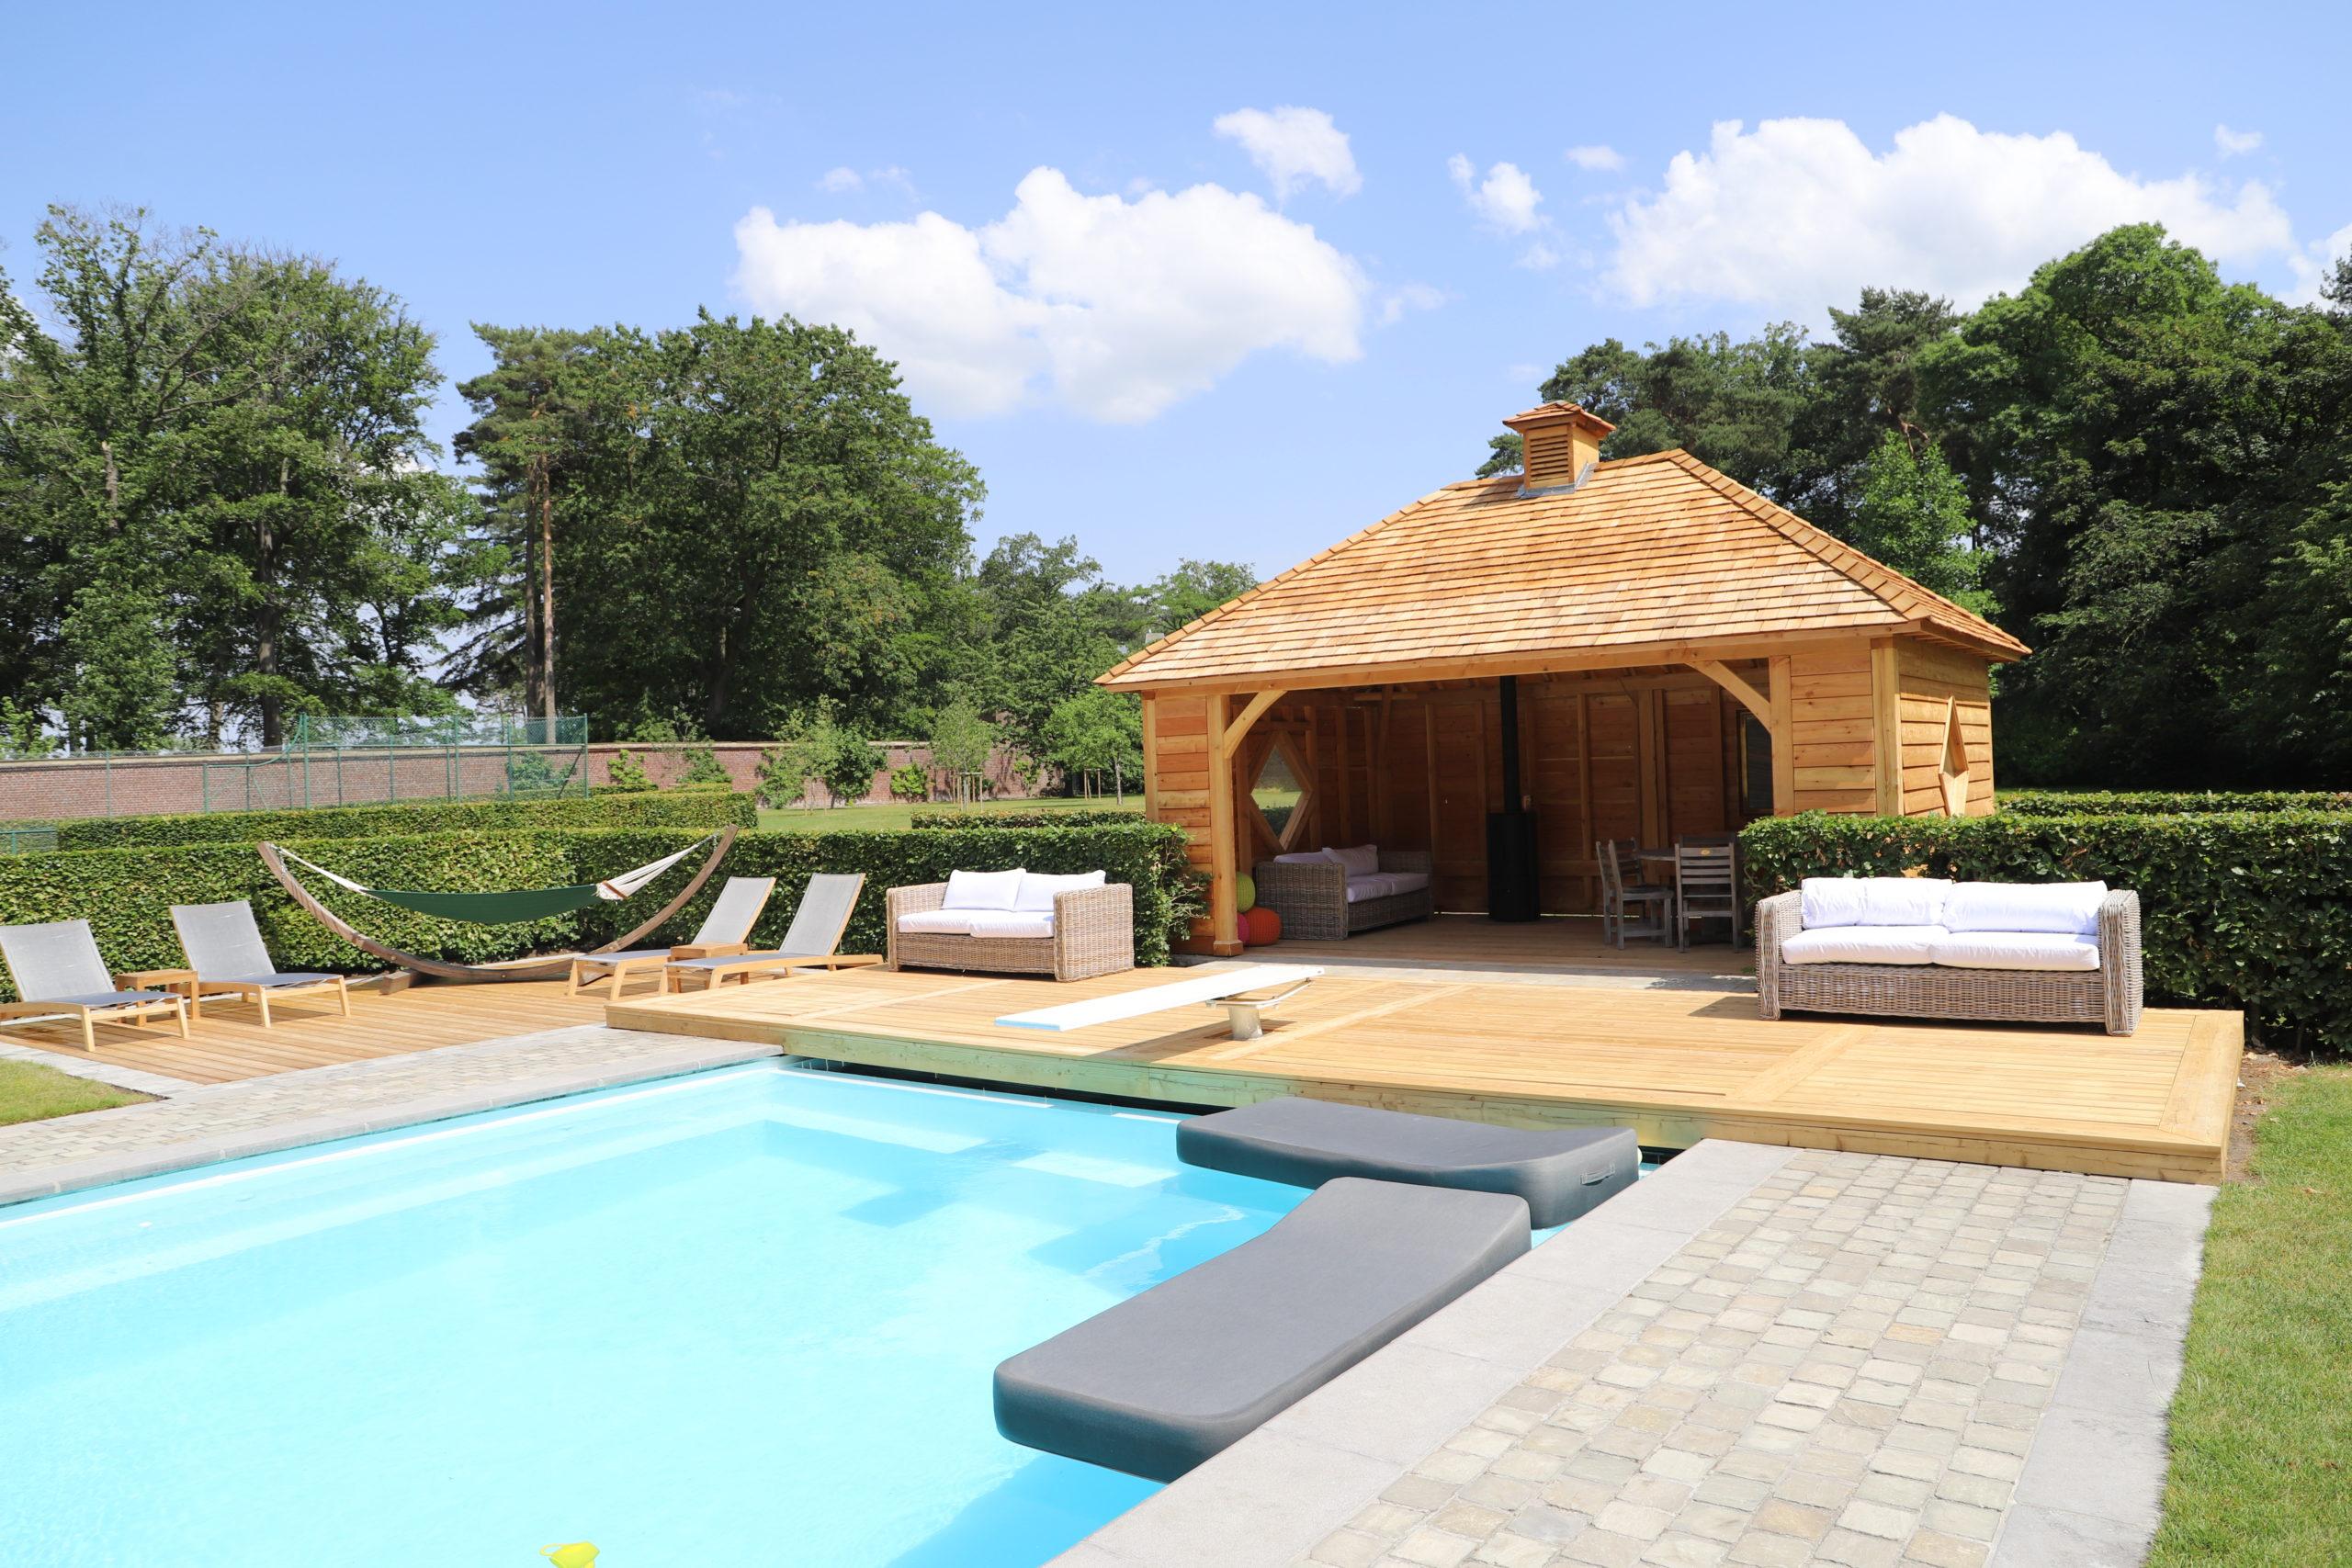 Pool house en bois sur mesure qualité